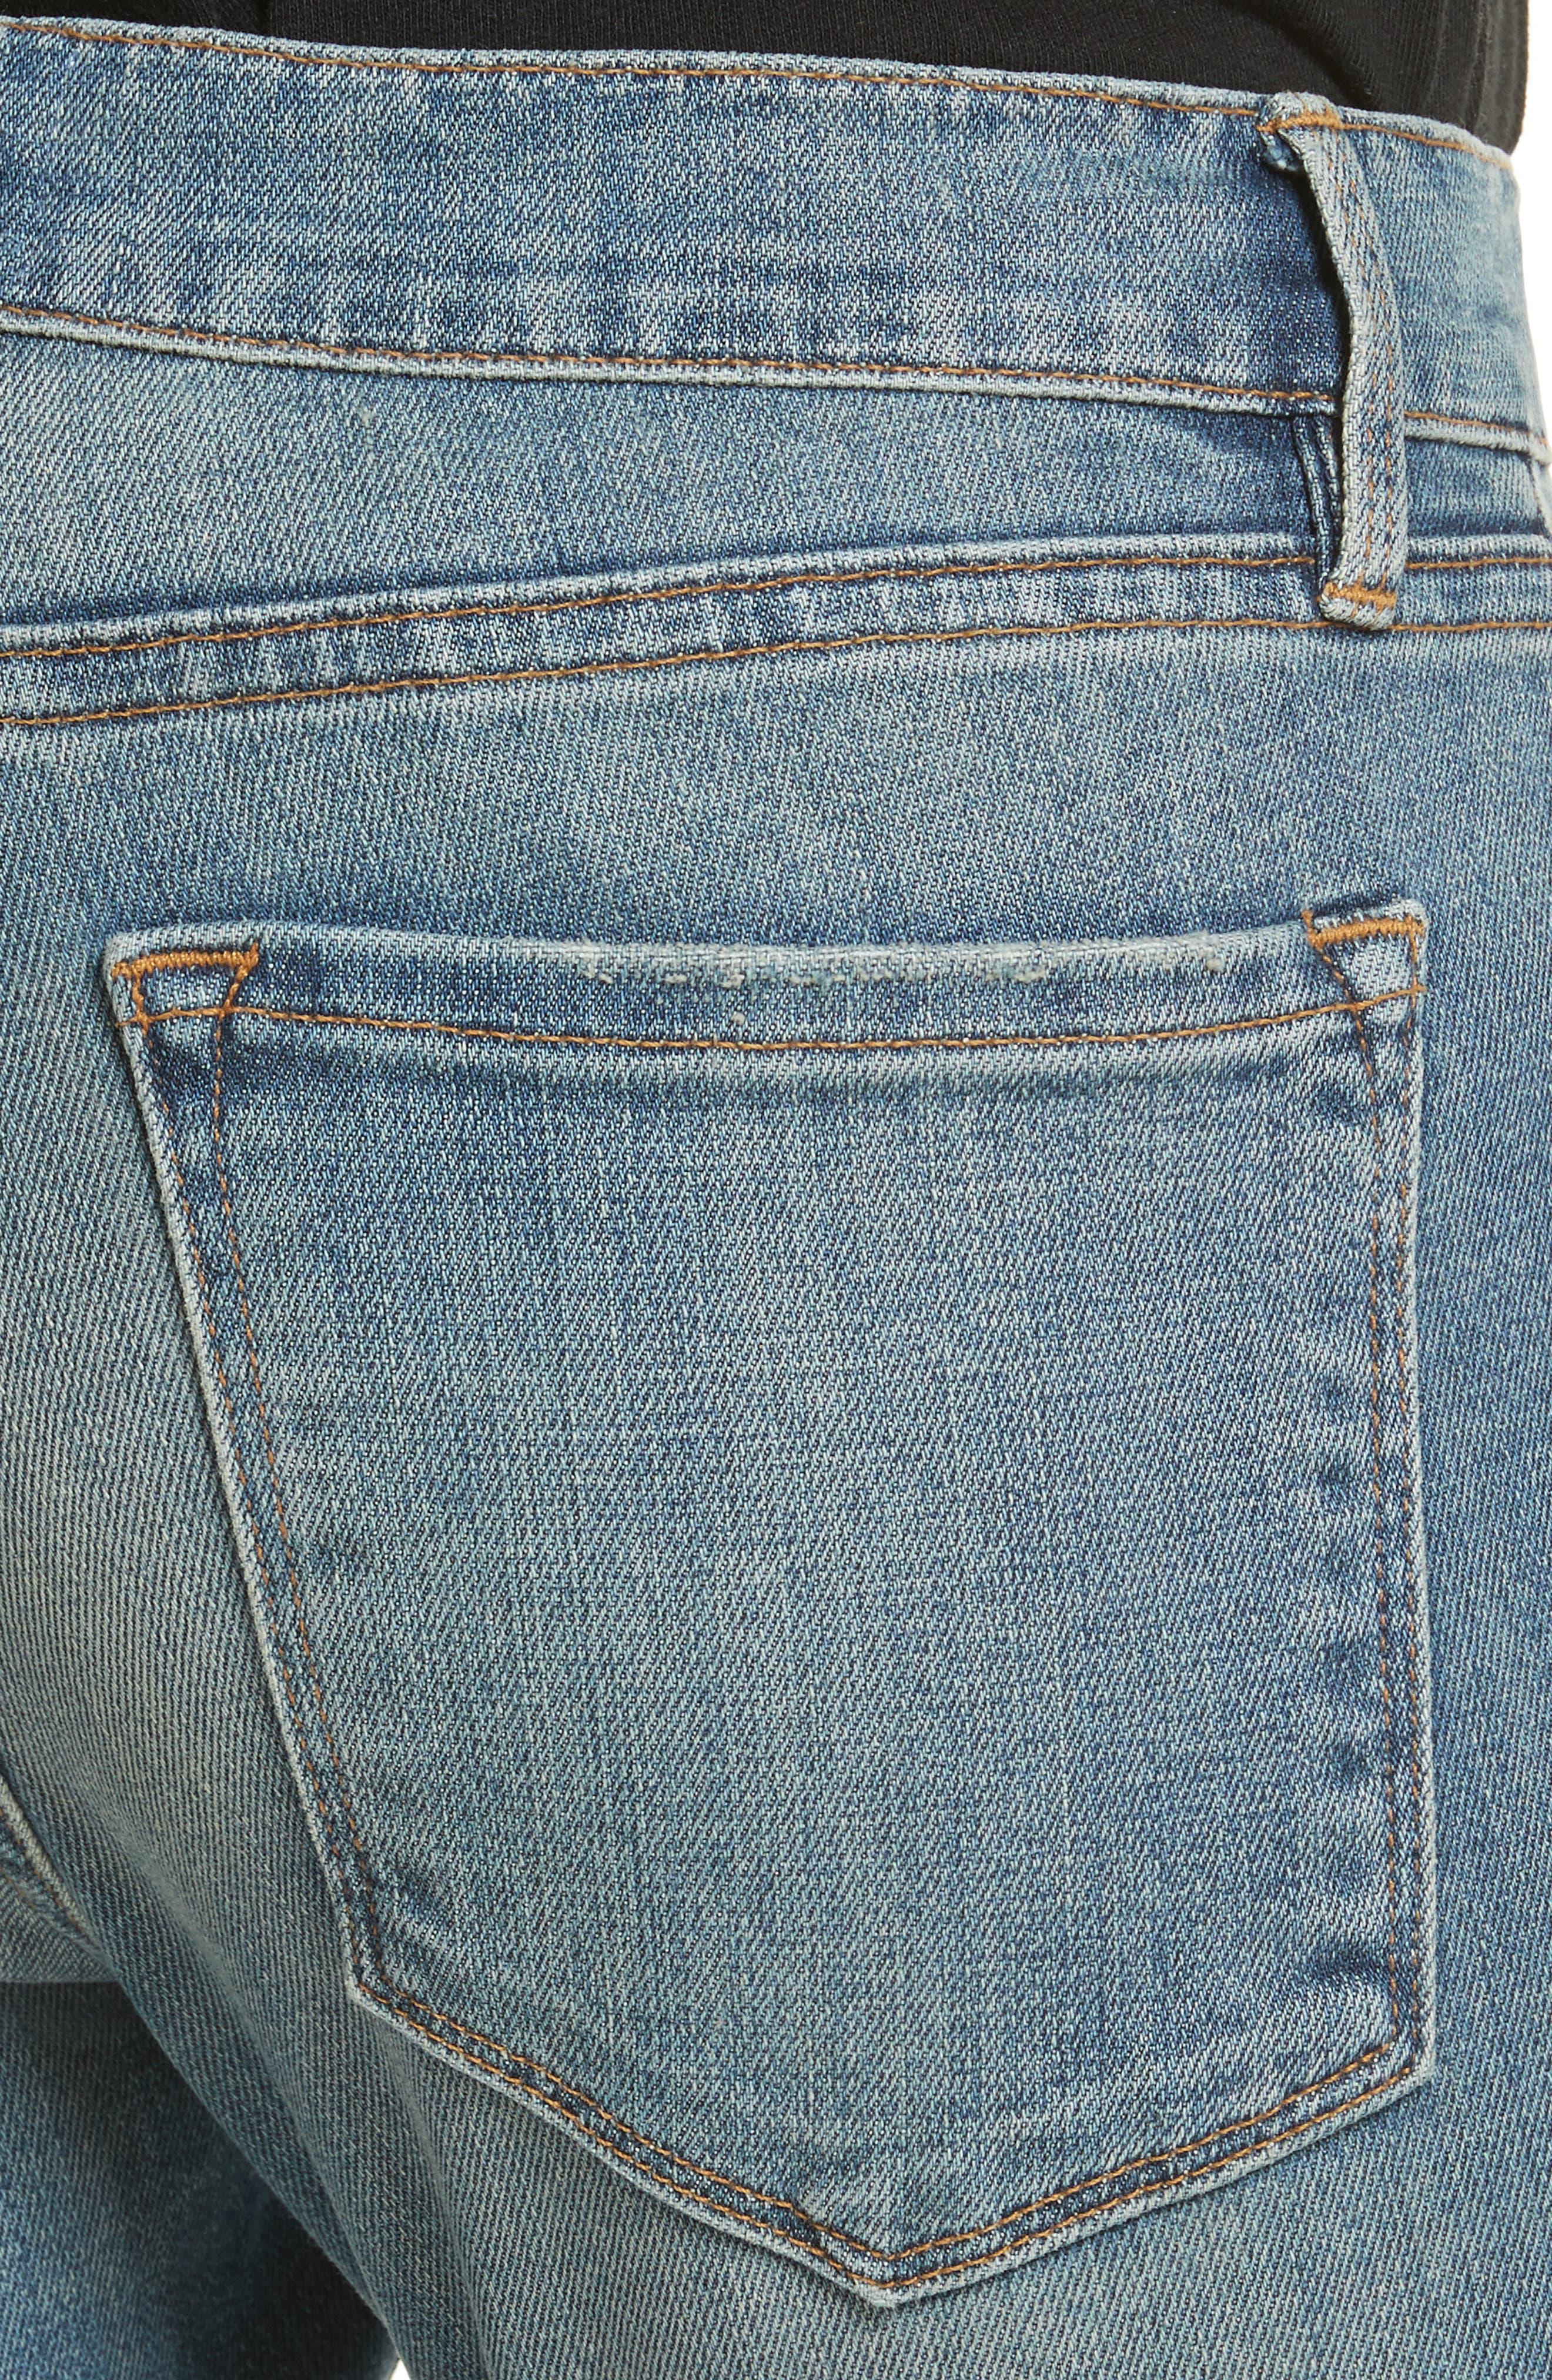 Le Garçon Crop Boyfriend Jeans,                             Alternate thumbnail 4, color,                             420